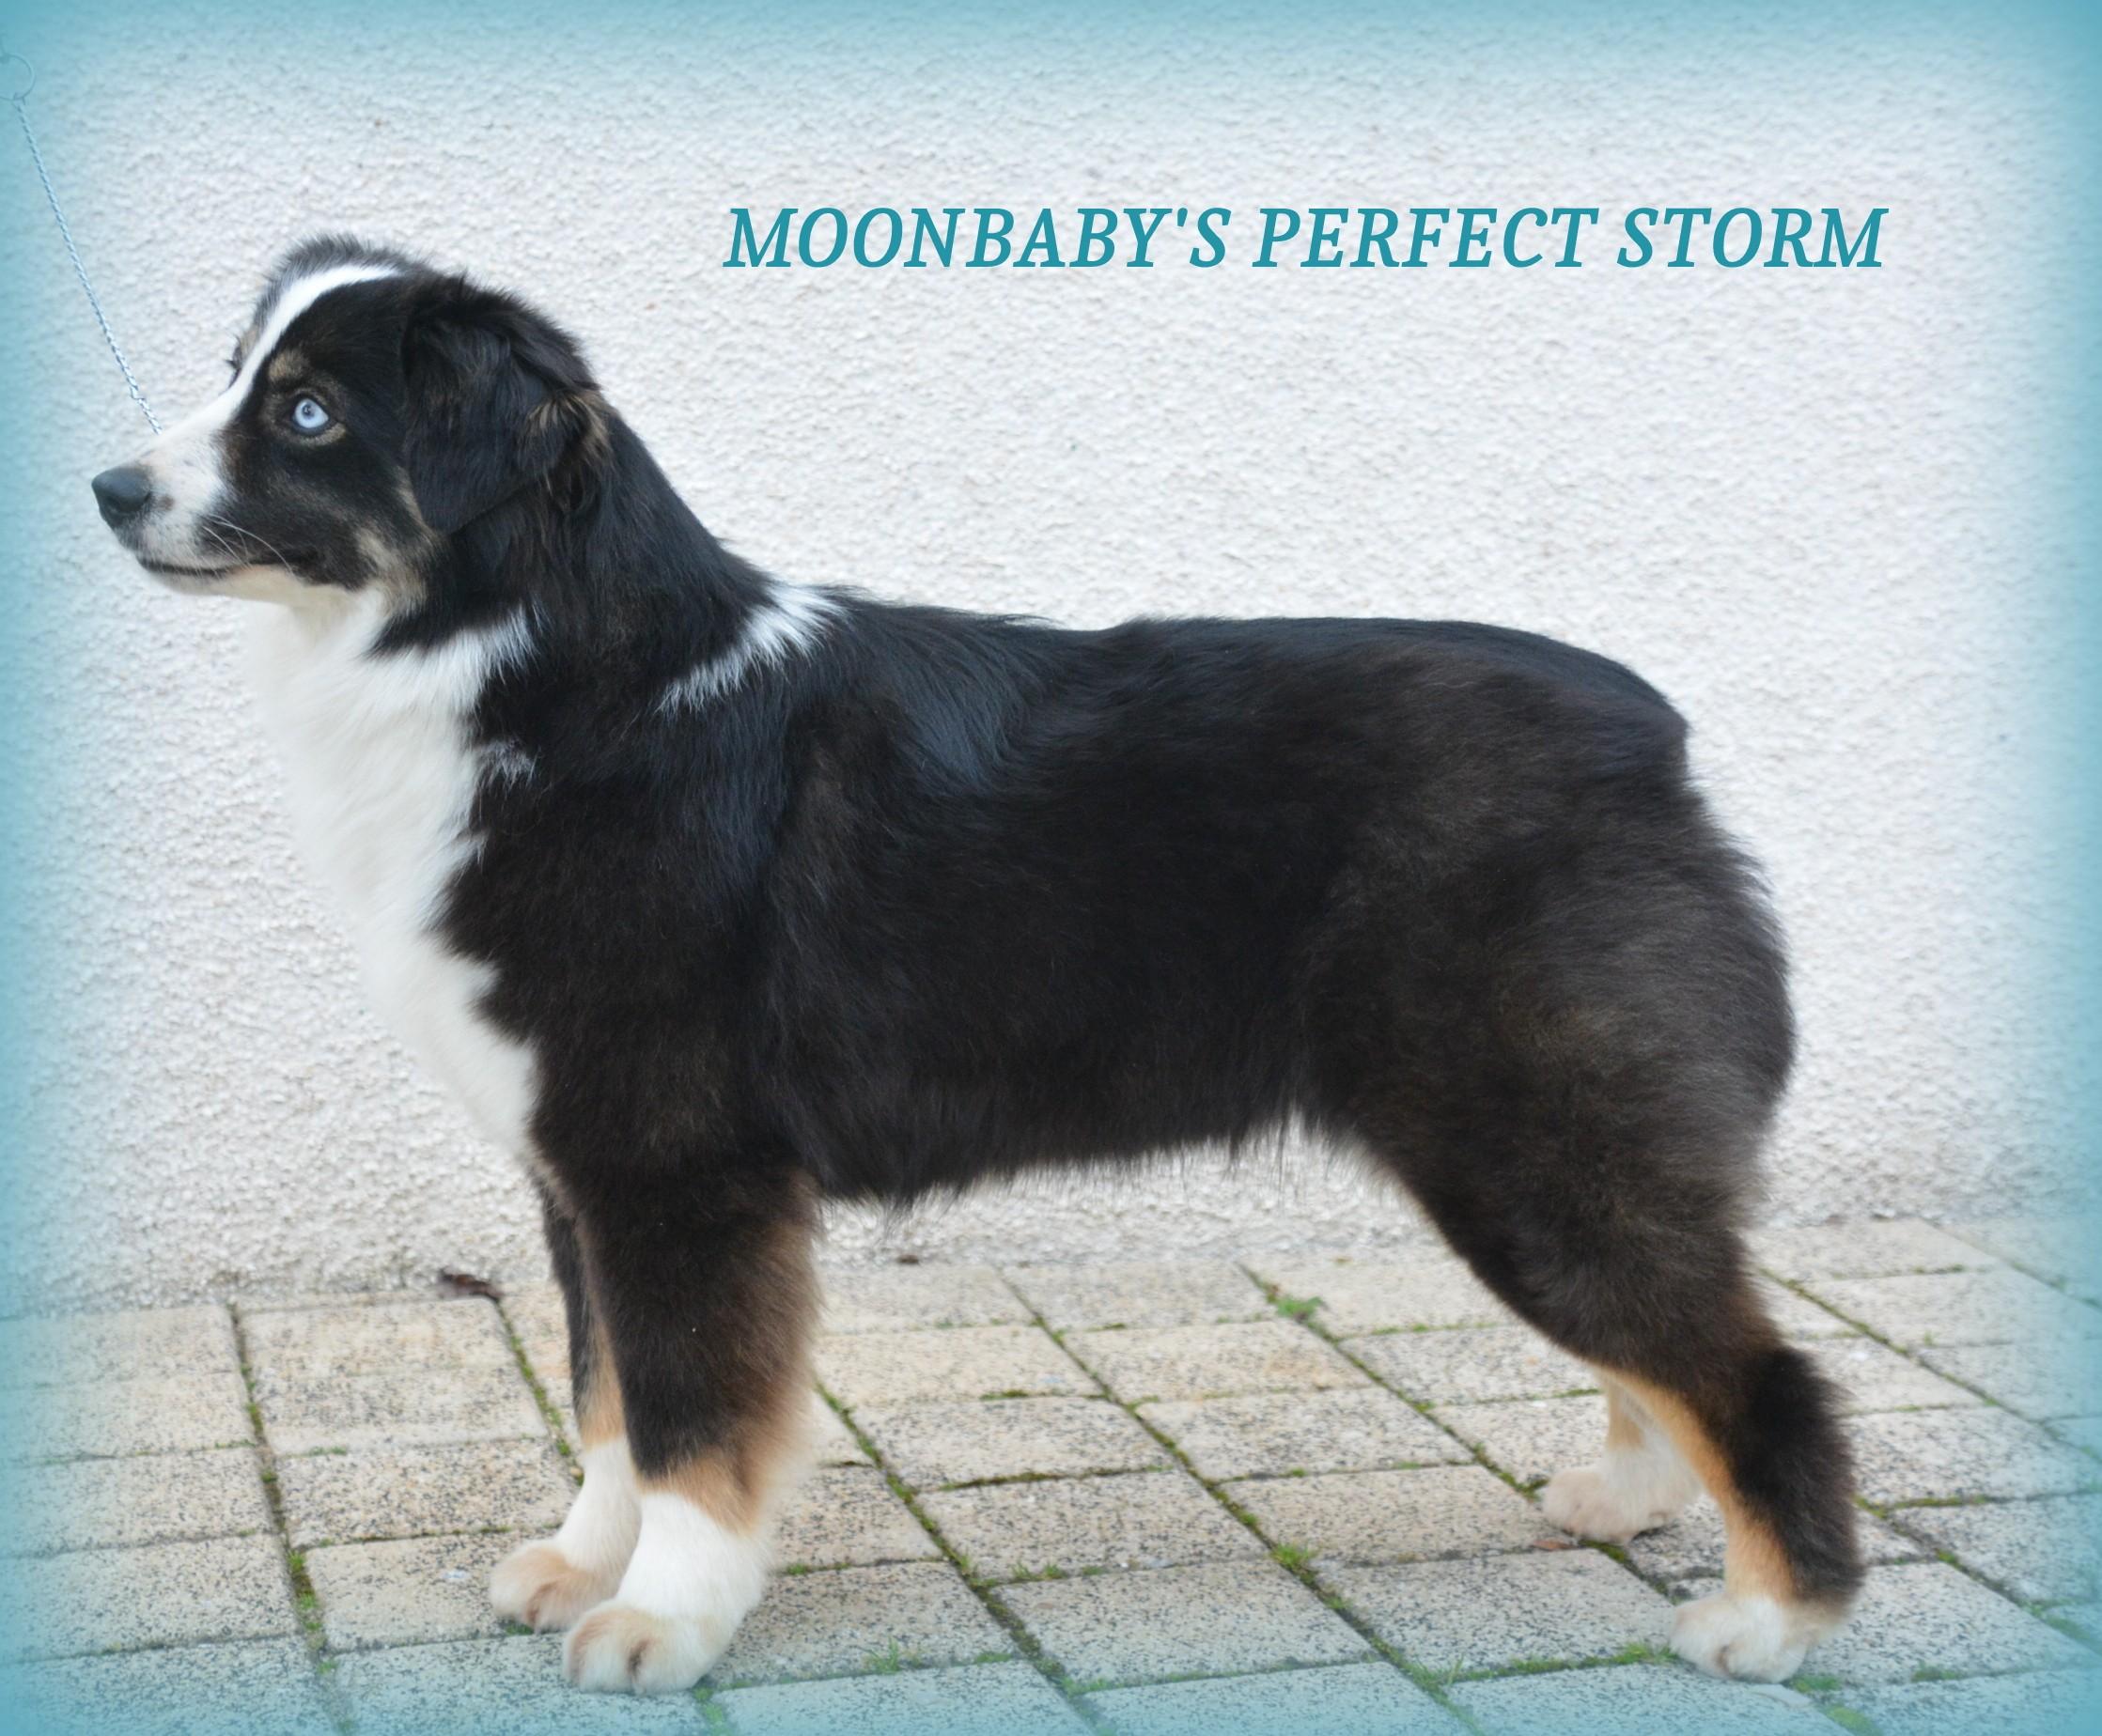 moonbaby's Perfect storm